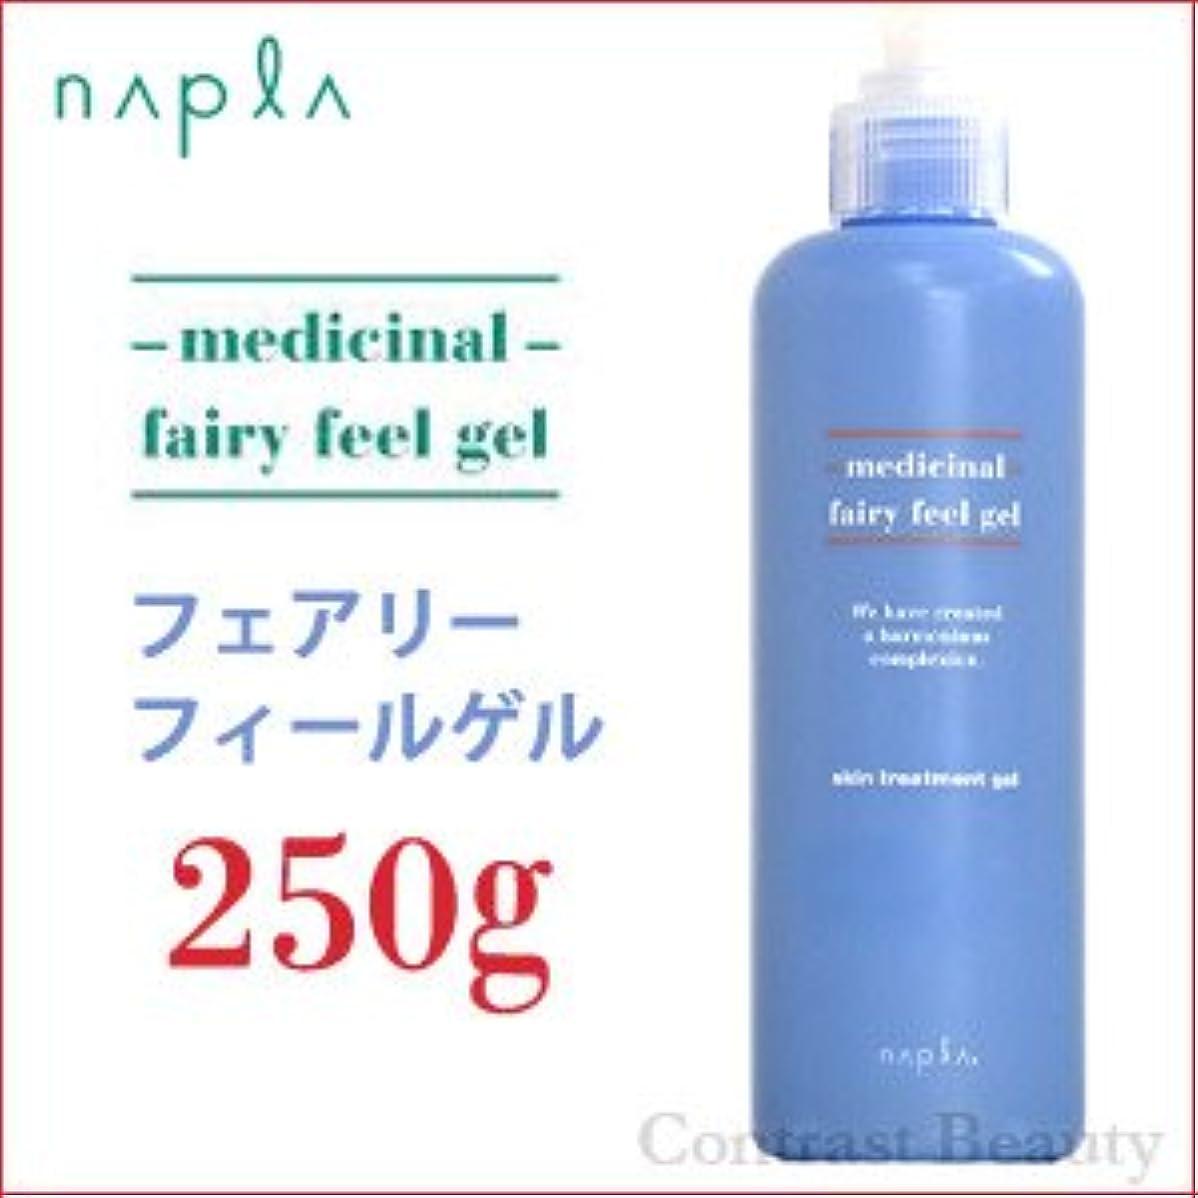 人物開発ジャーナリスト【X3個セット】 ナプラ 薬用フェアリーフィールゲル 250g